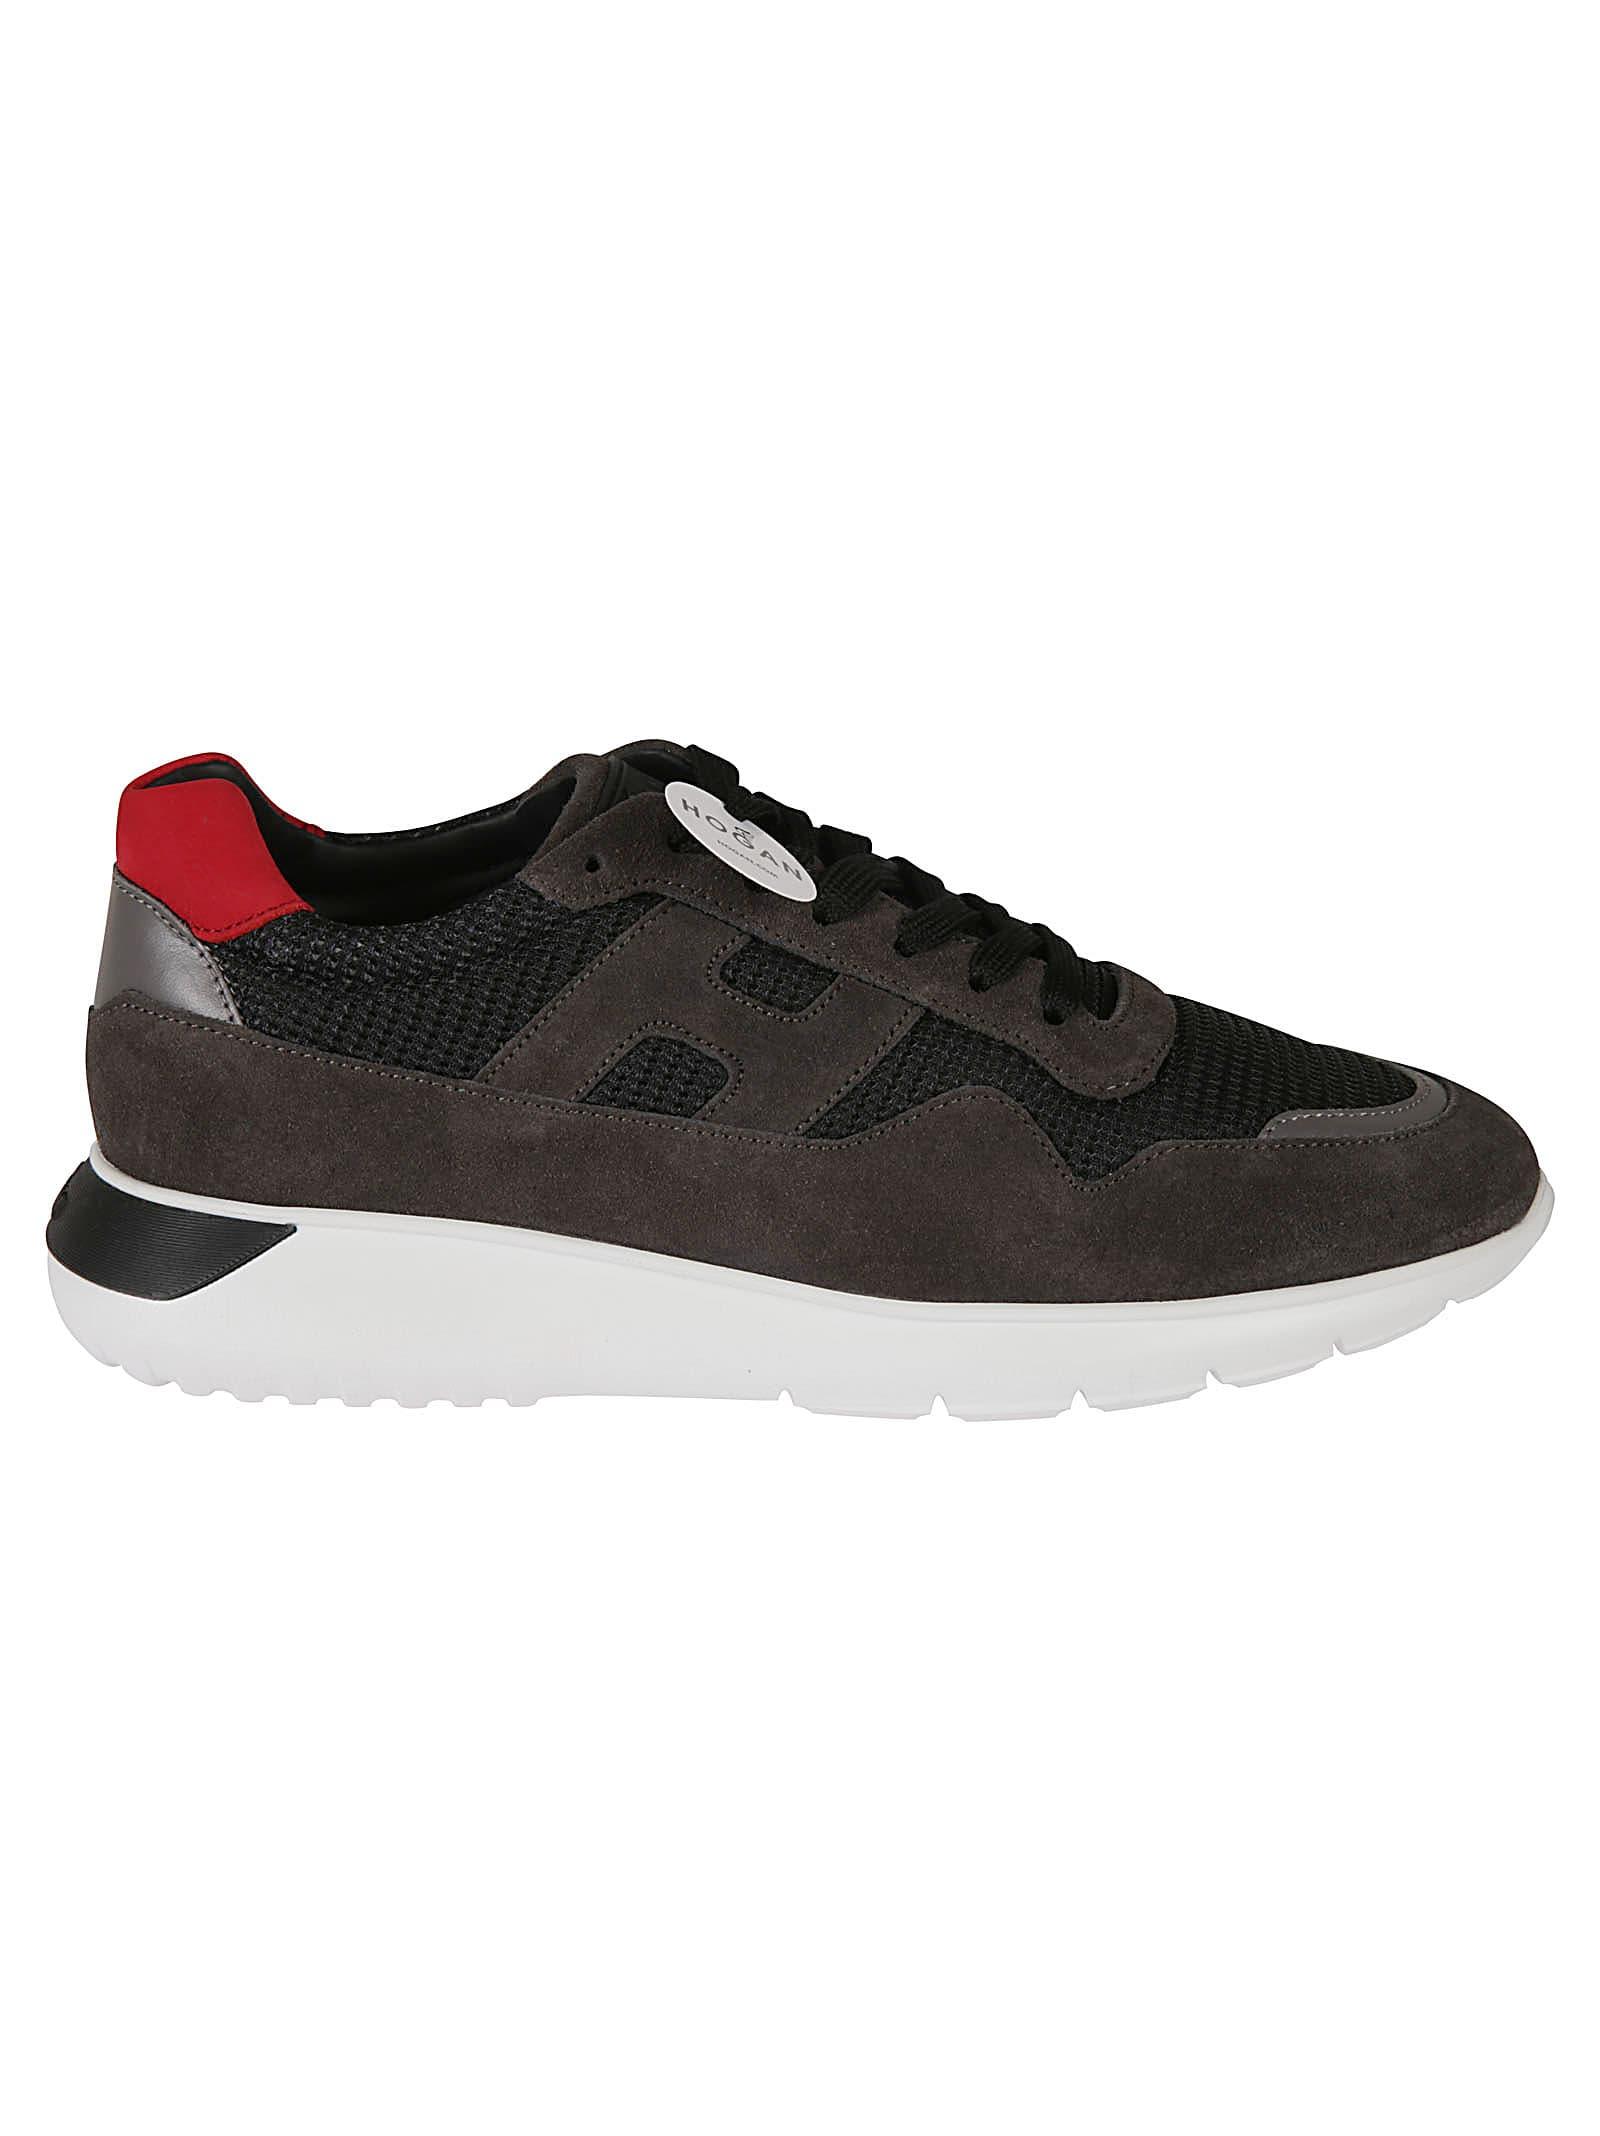 Hogan Cube Sneakers In Brown/black | ModeSens